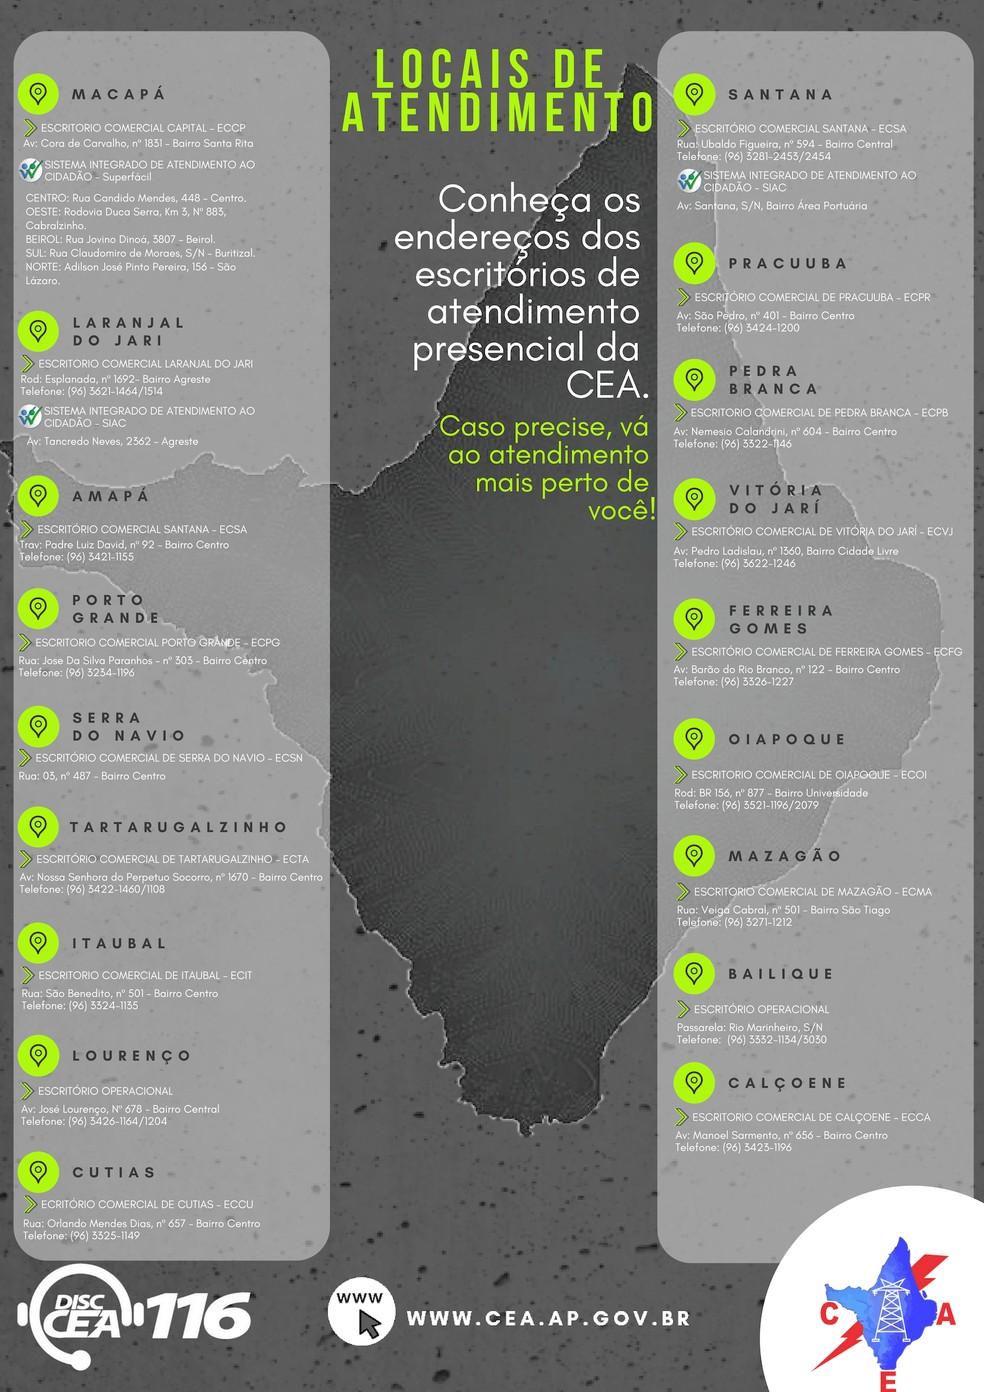 Locais de atendimento da Companhia de Eletricidade do Amapá (CEA) — Foto: CEA/Divulgação